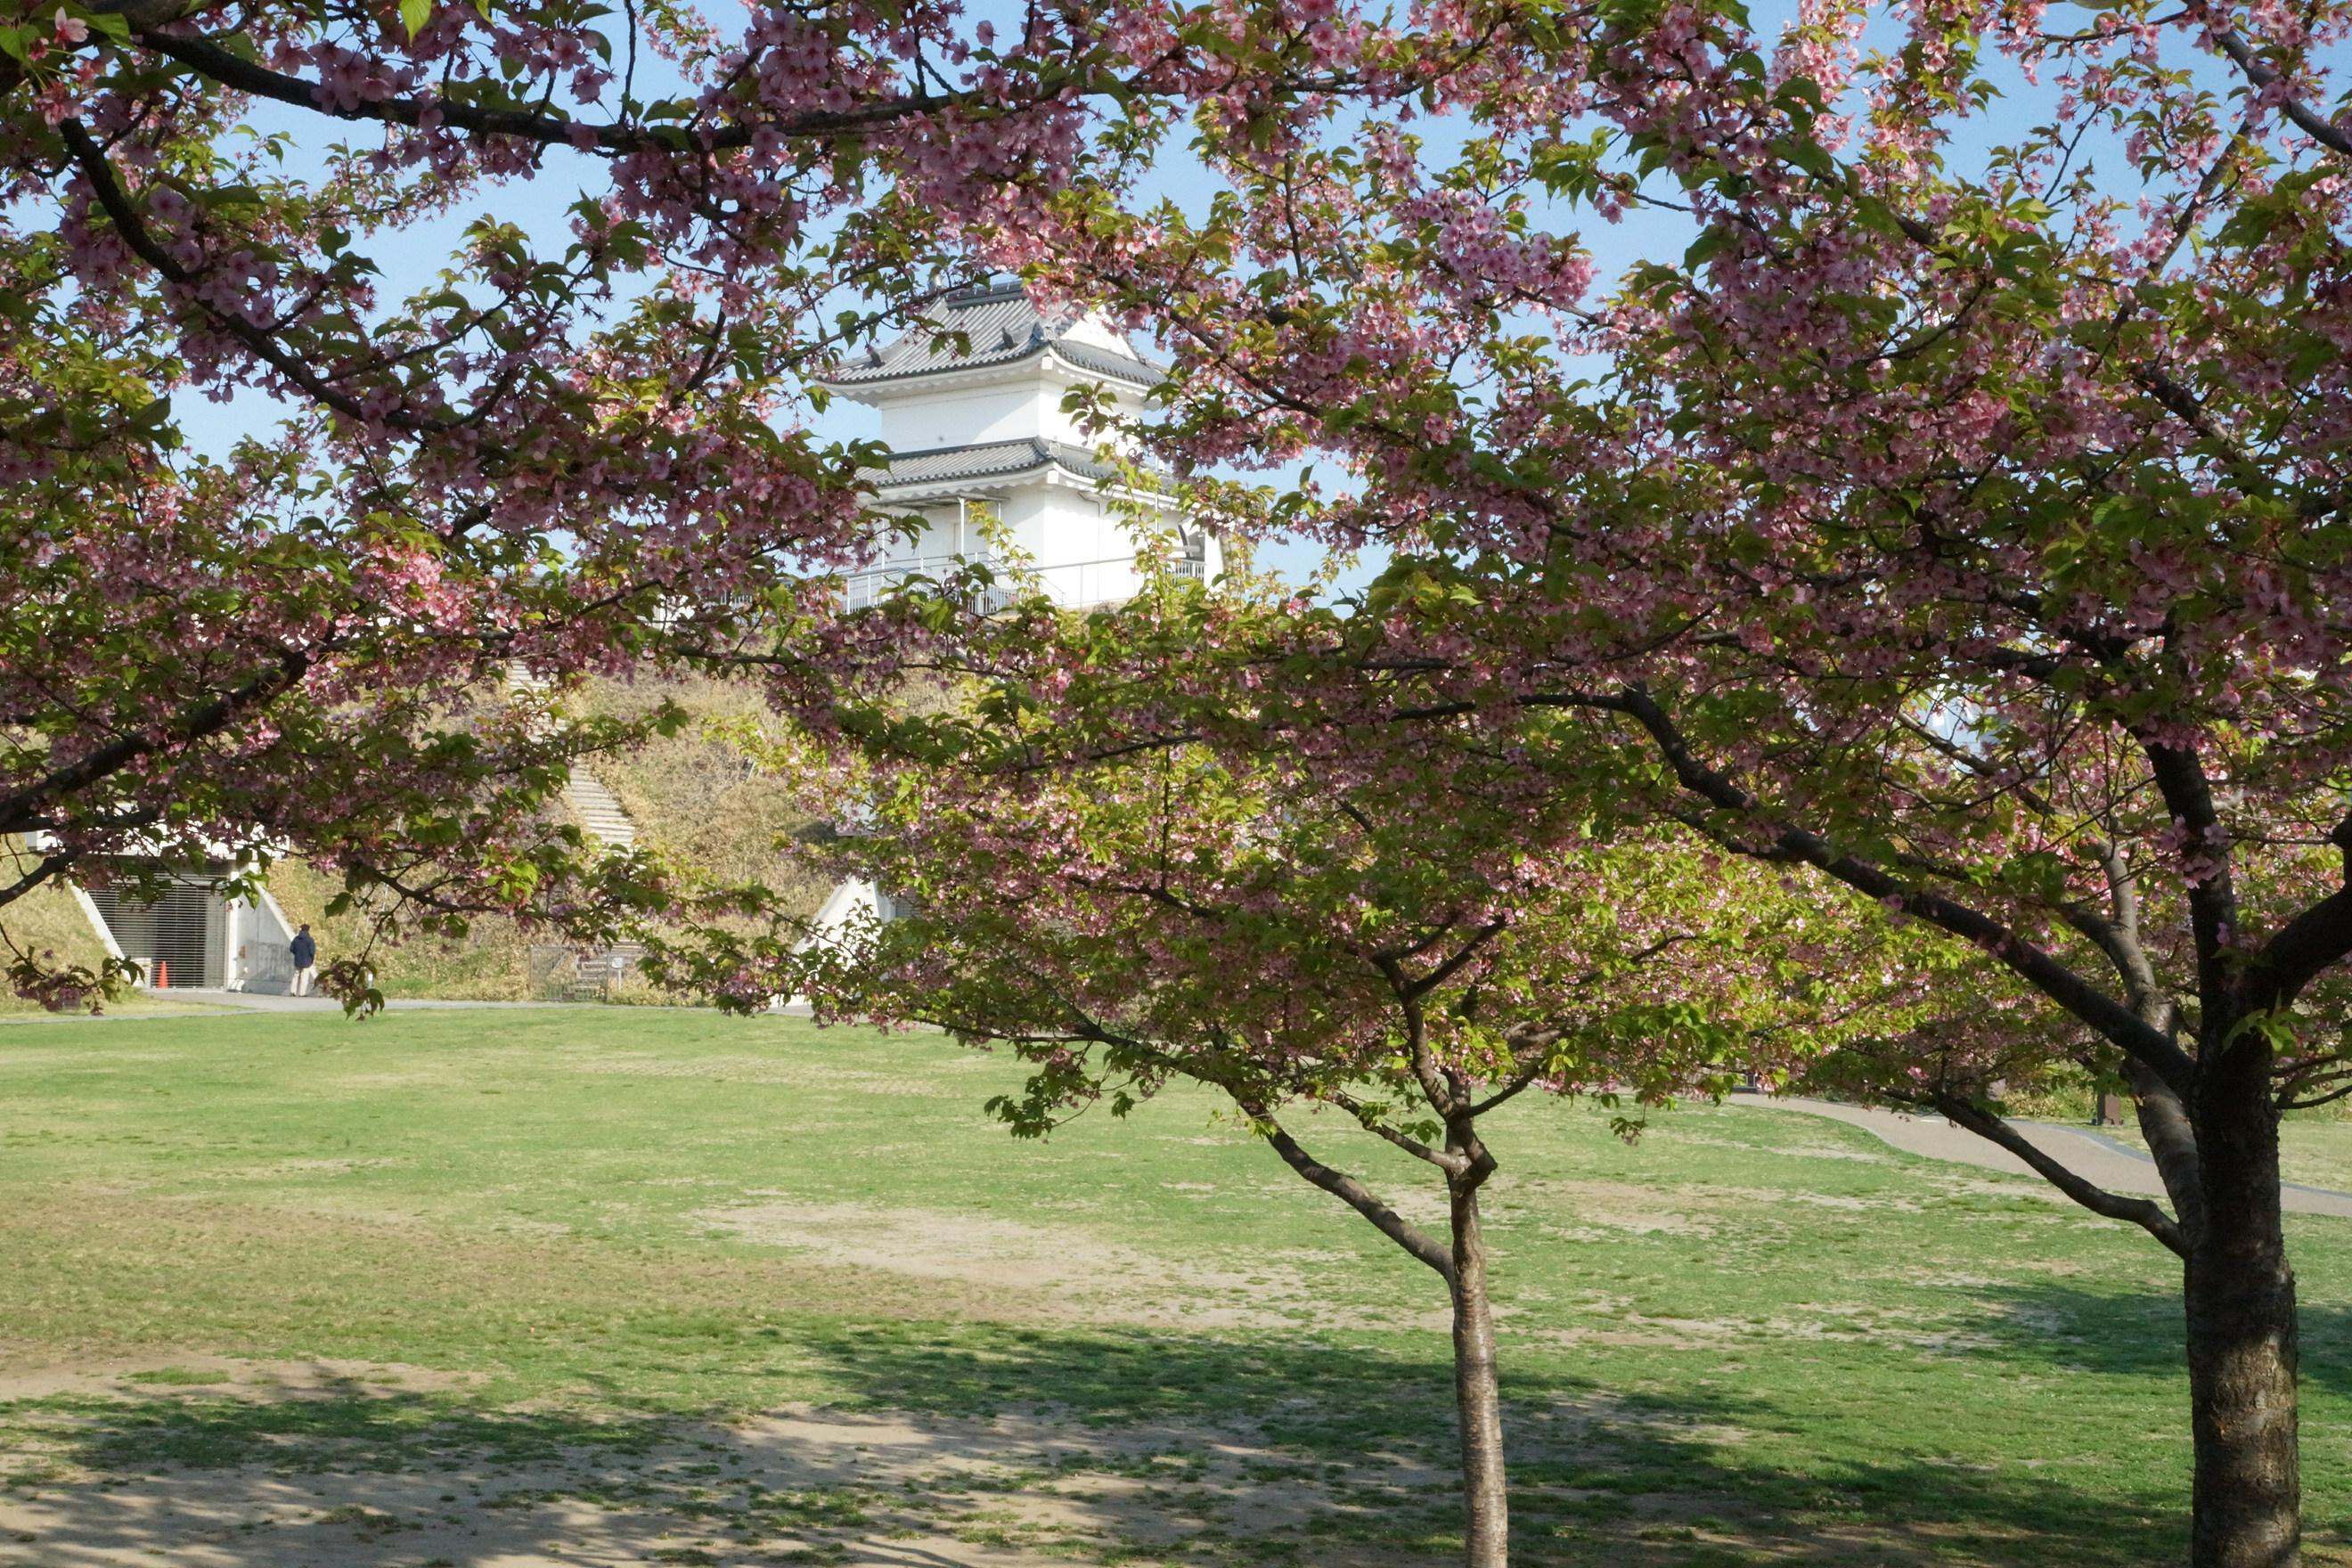 宇都宮城址公園2018年3月31日更新